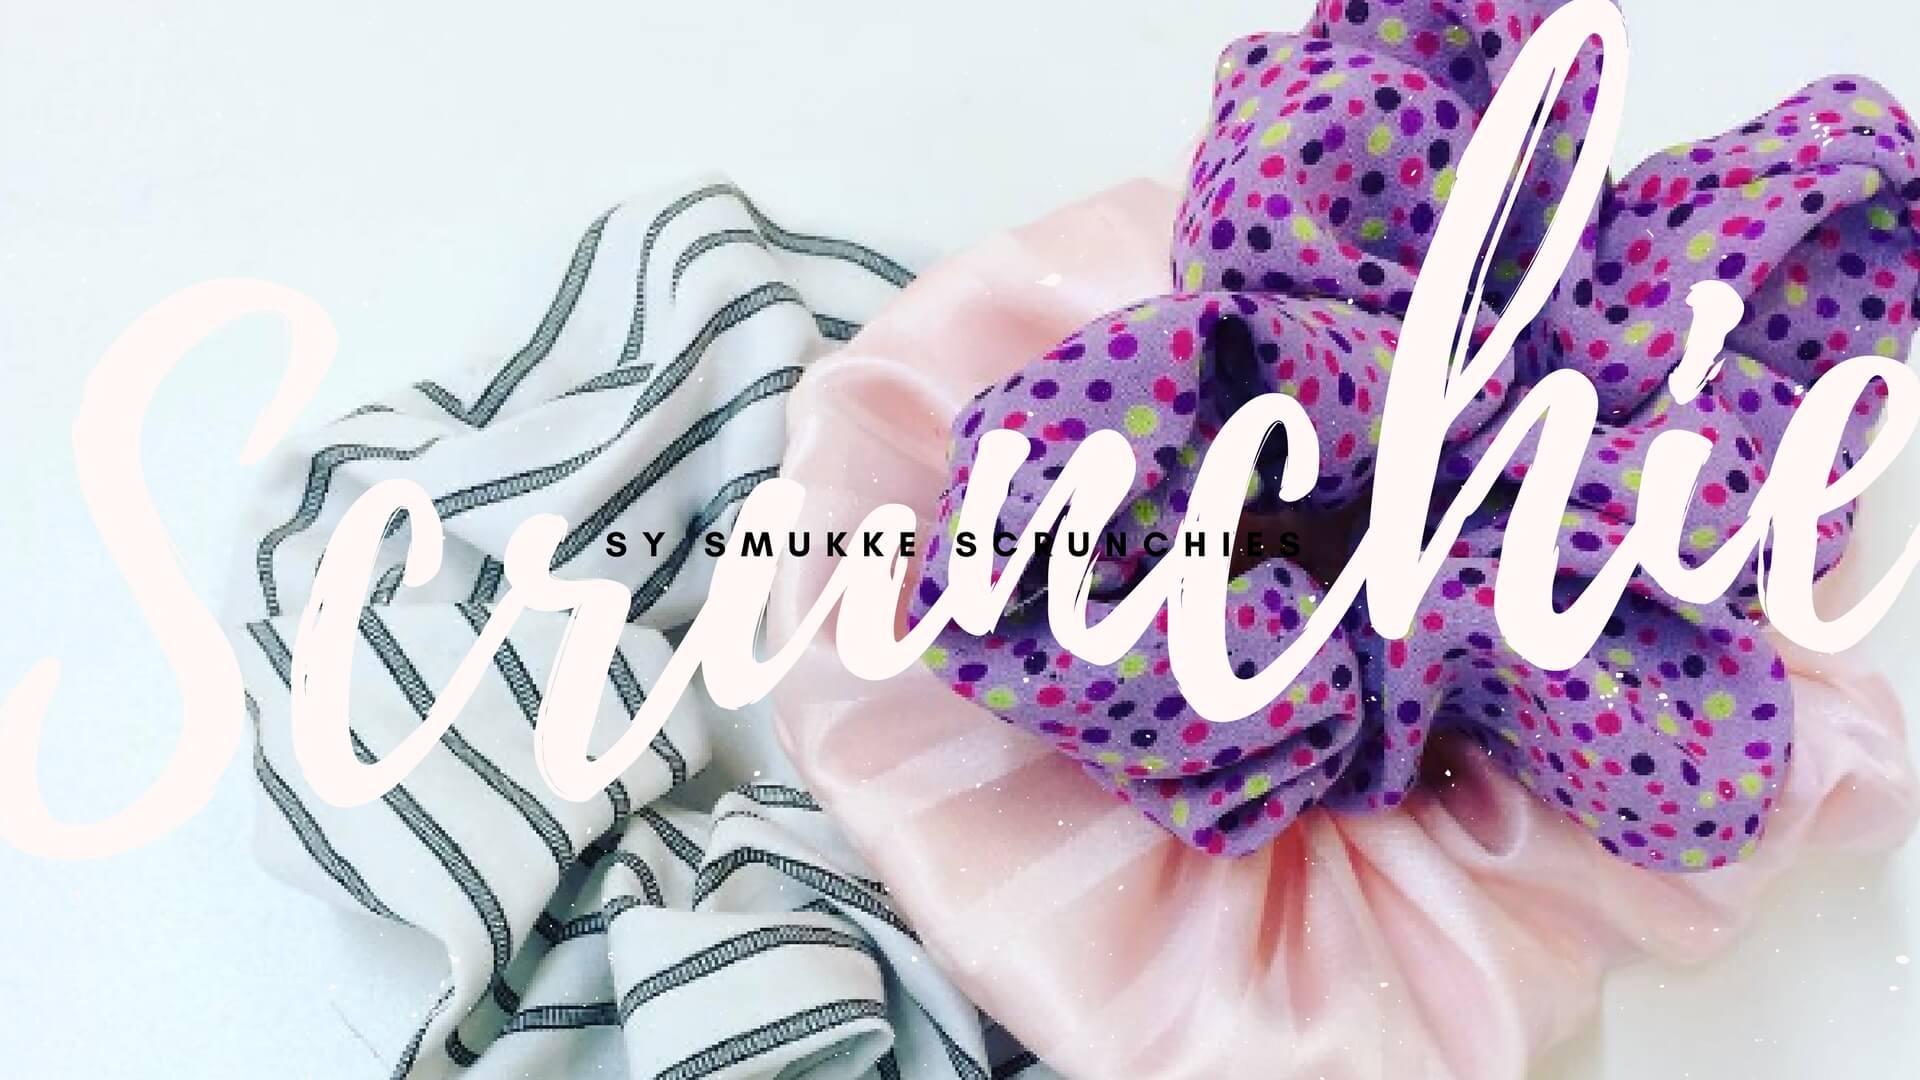 sy scrunchies